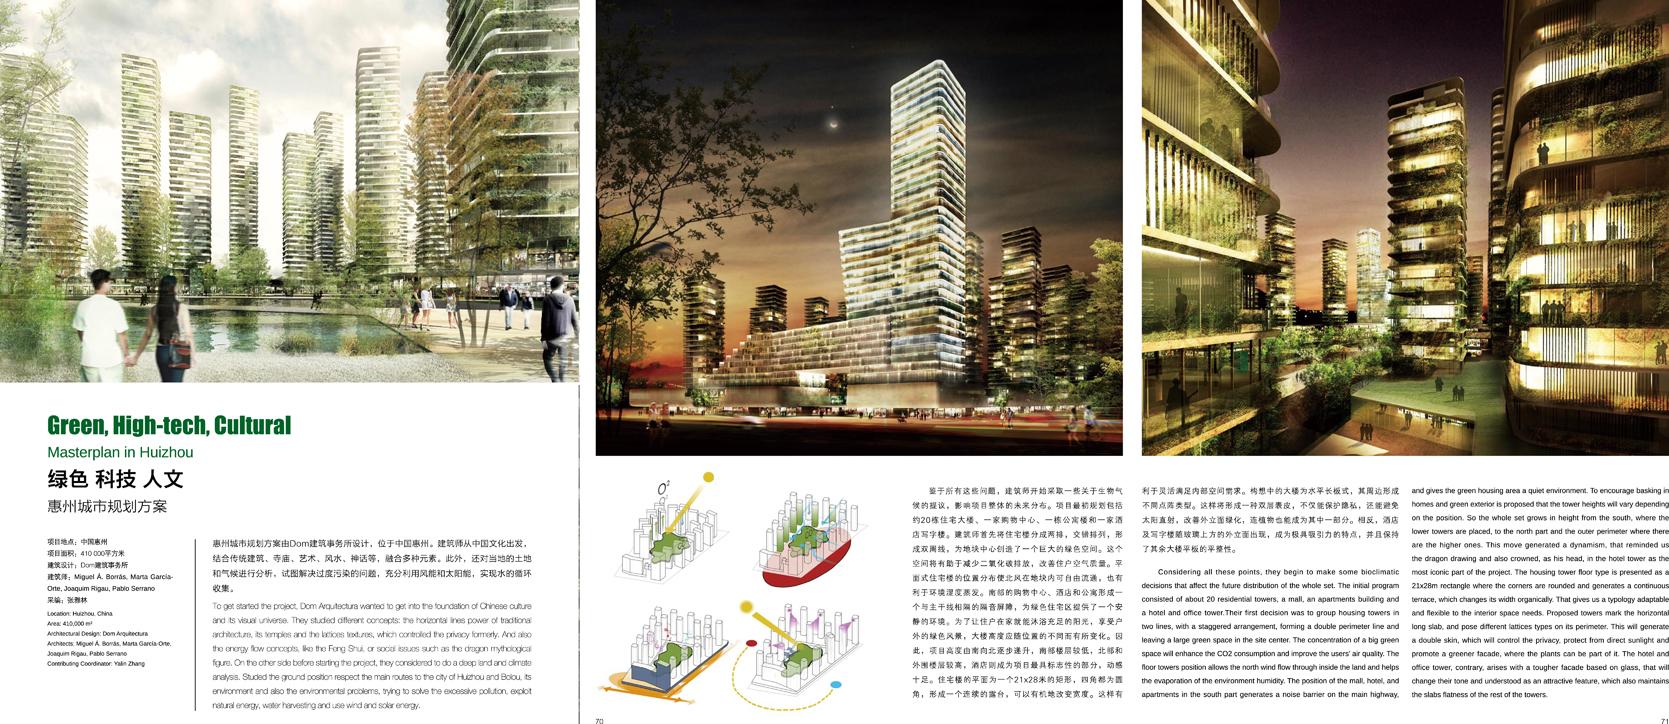 masterplan in Huizhou-2red